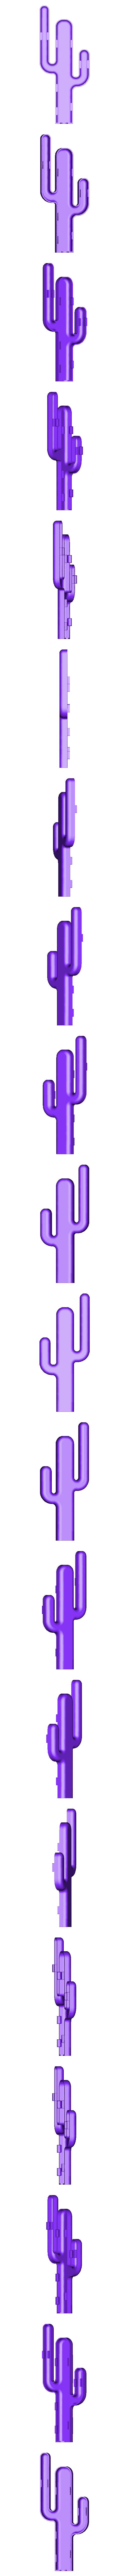 cactus_bside.stl Télécharger fichier STL gratuit Cactus desk lamp • Design pour impression 3D, BREMMALAN